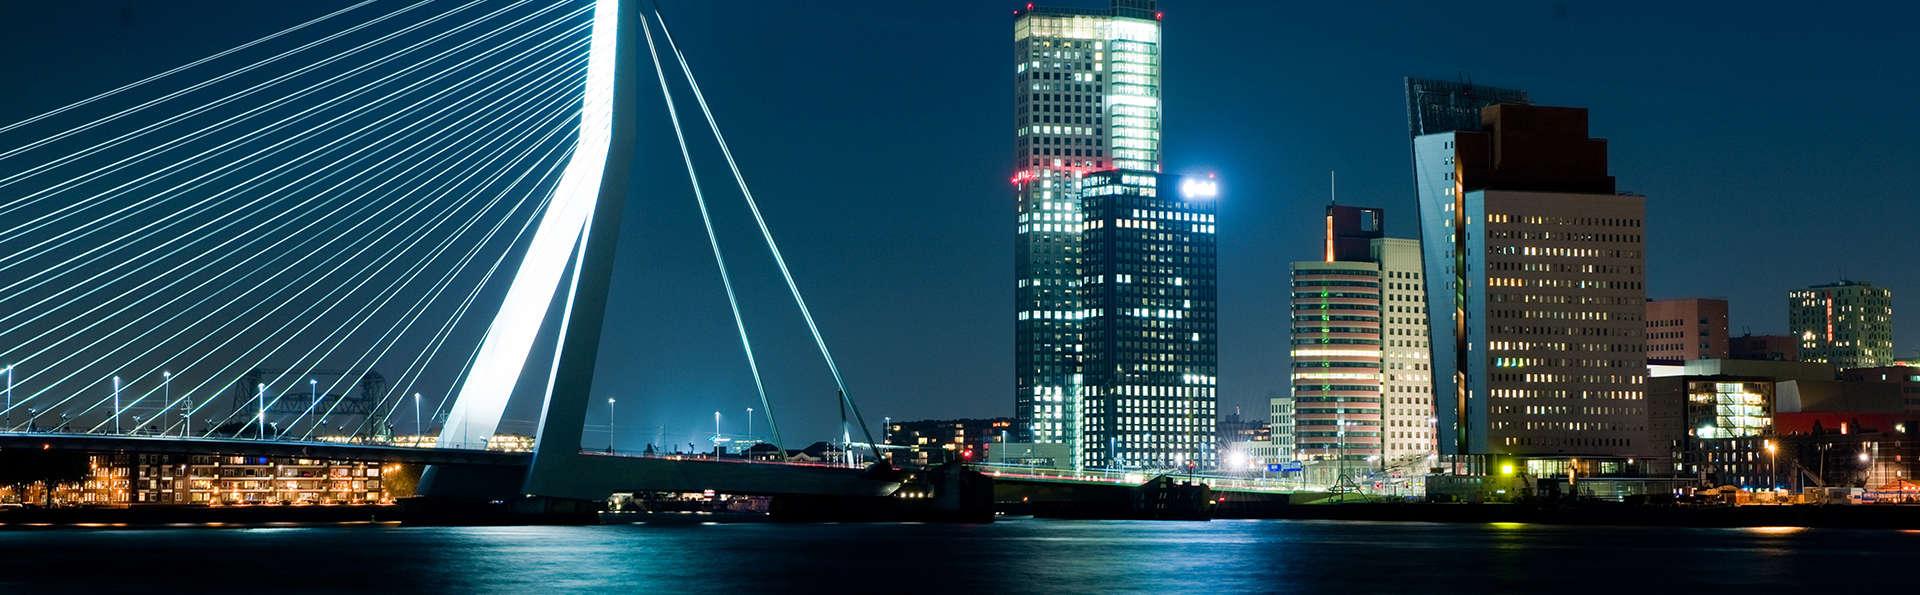 Découvrez les plus beaux endroits de la ville design de Rotterdam (2 nuits)